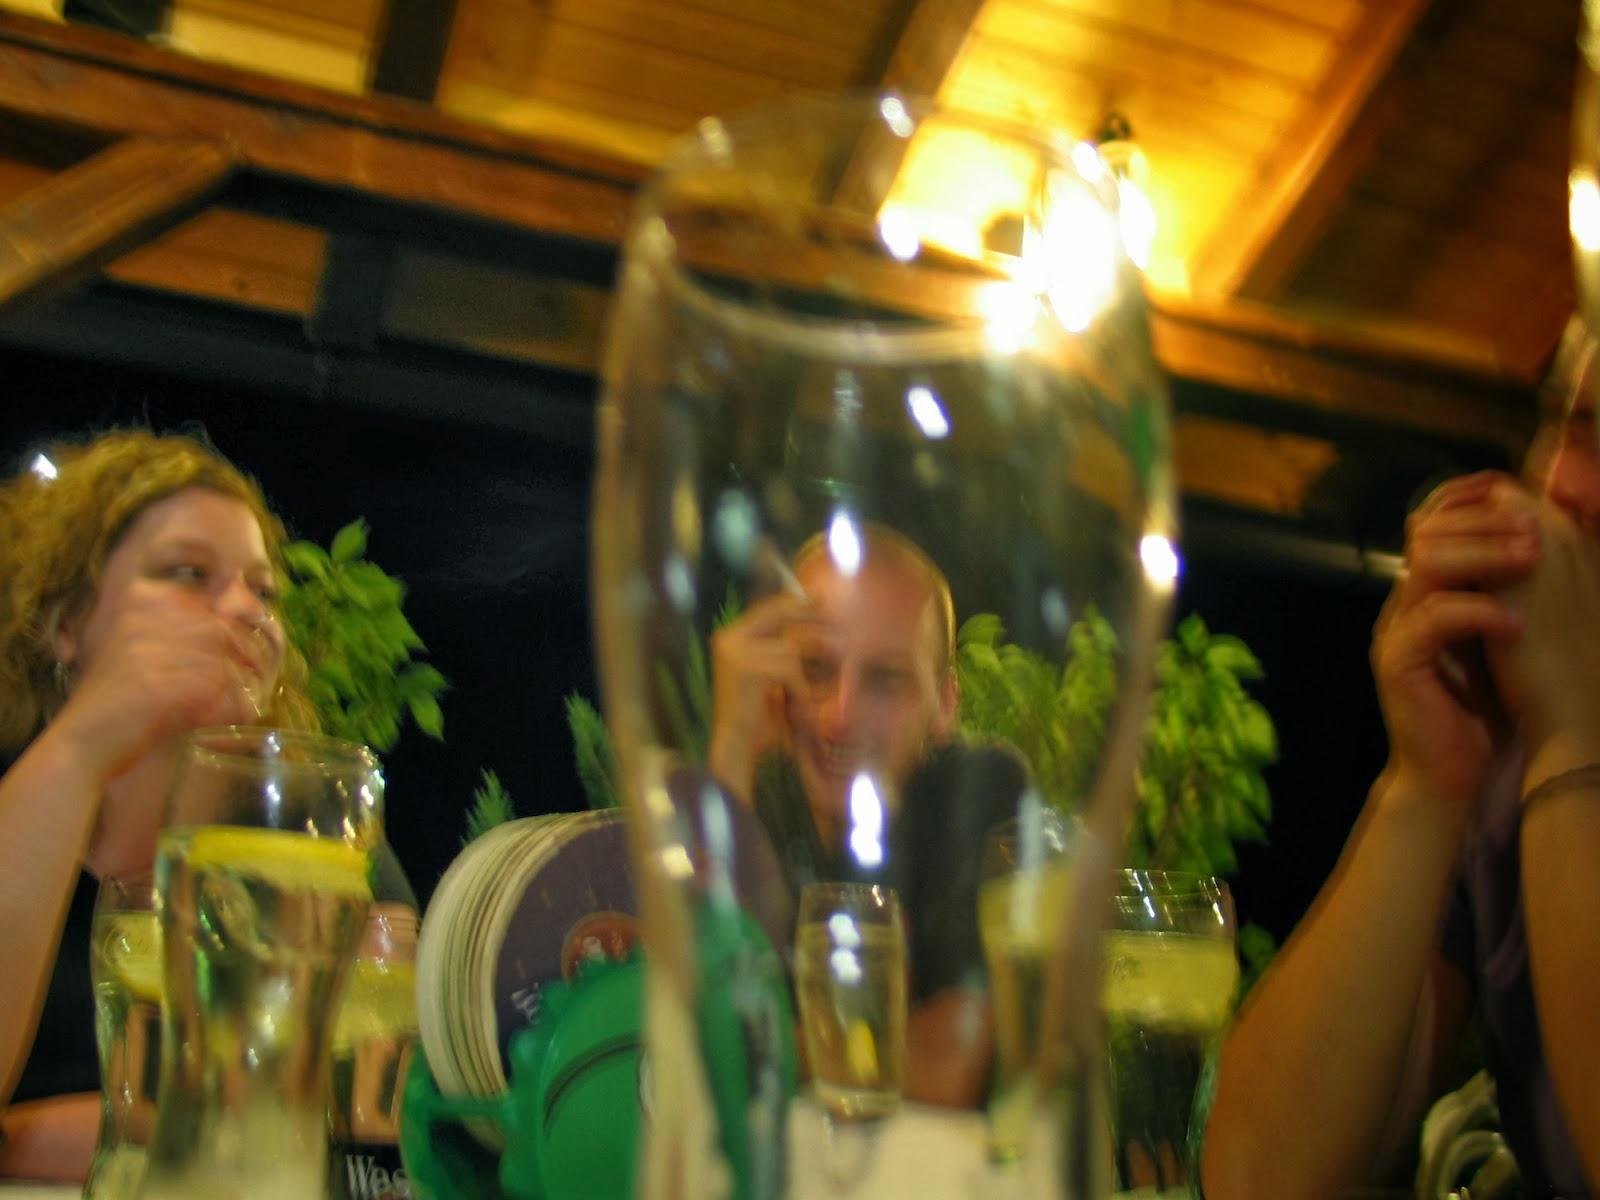 Pow-wow, Ilirska Bistrica 2004 - Zlet%2B2004%2B003.jpg